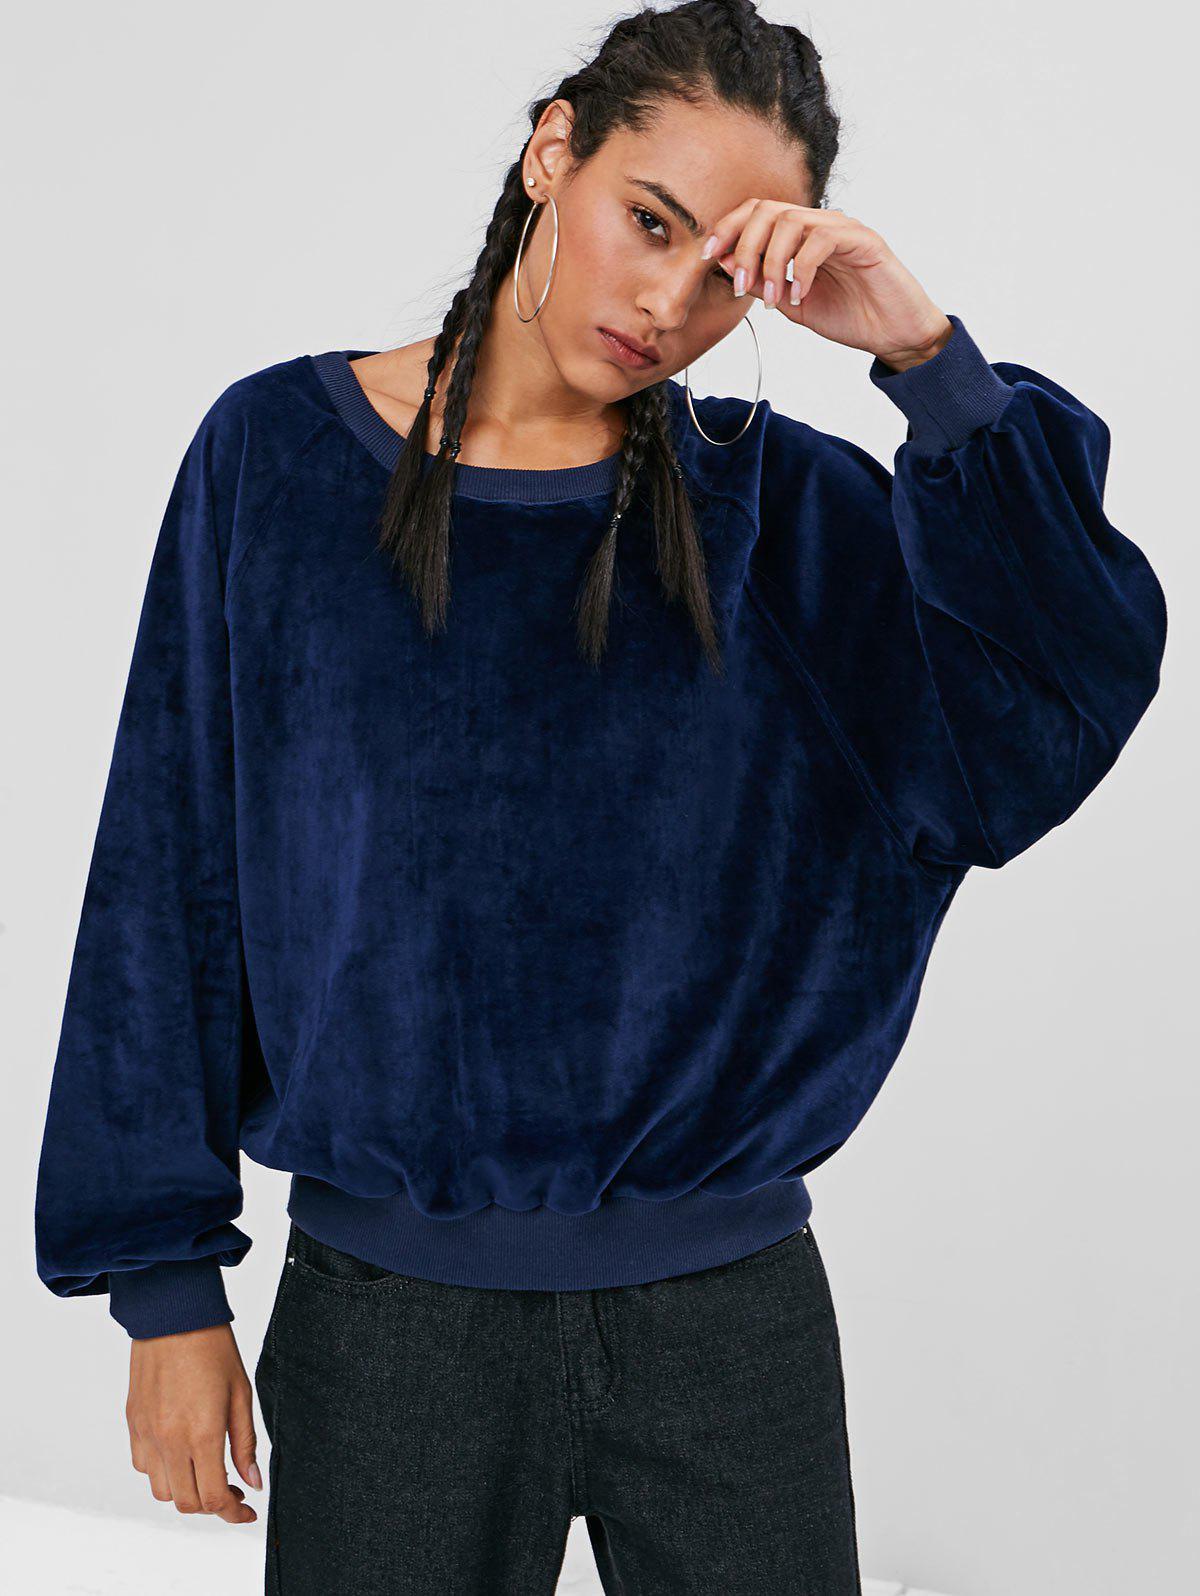 Soft Velvet Oversized Sweatshirt